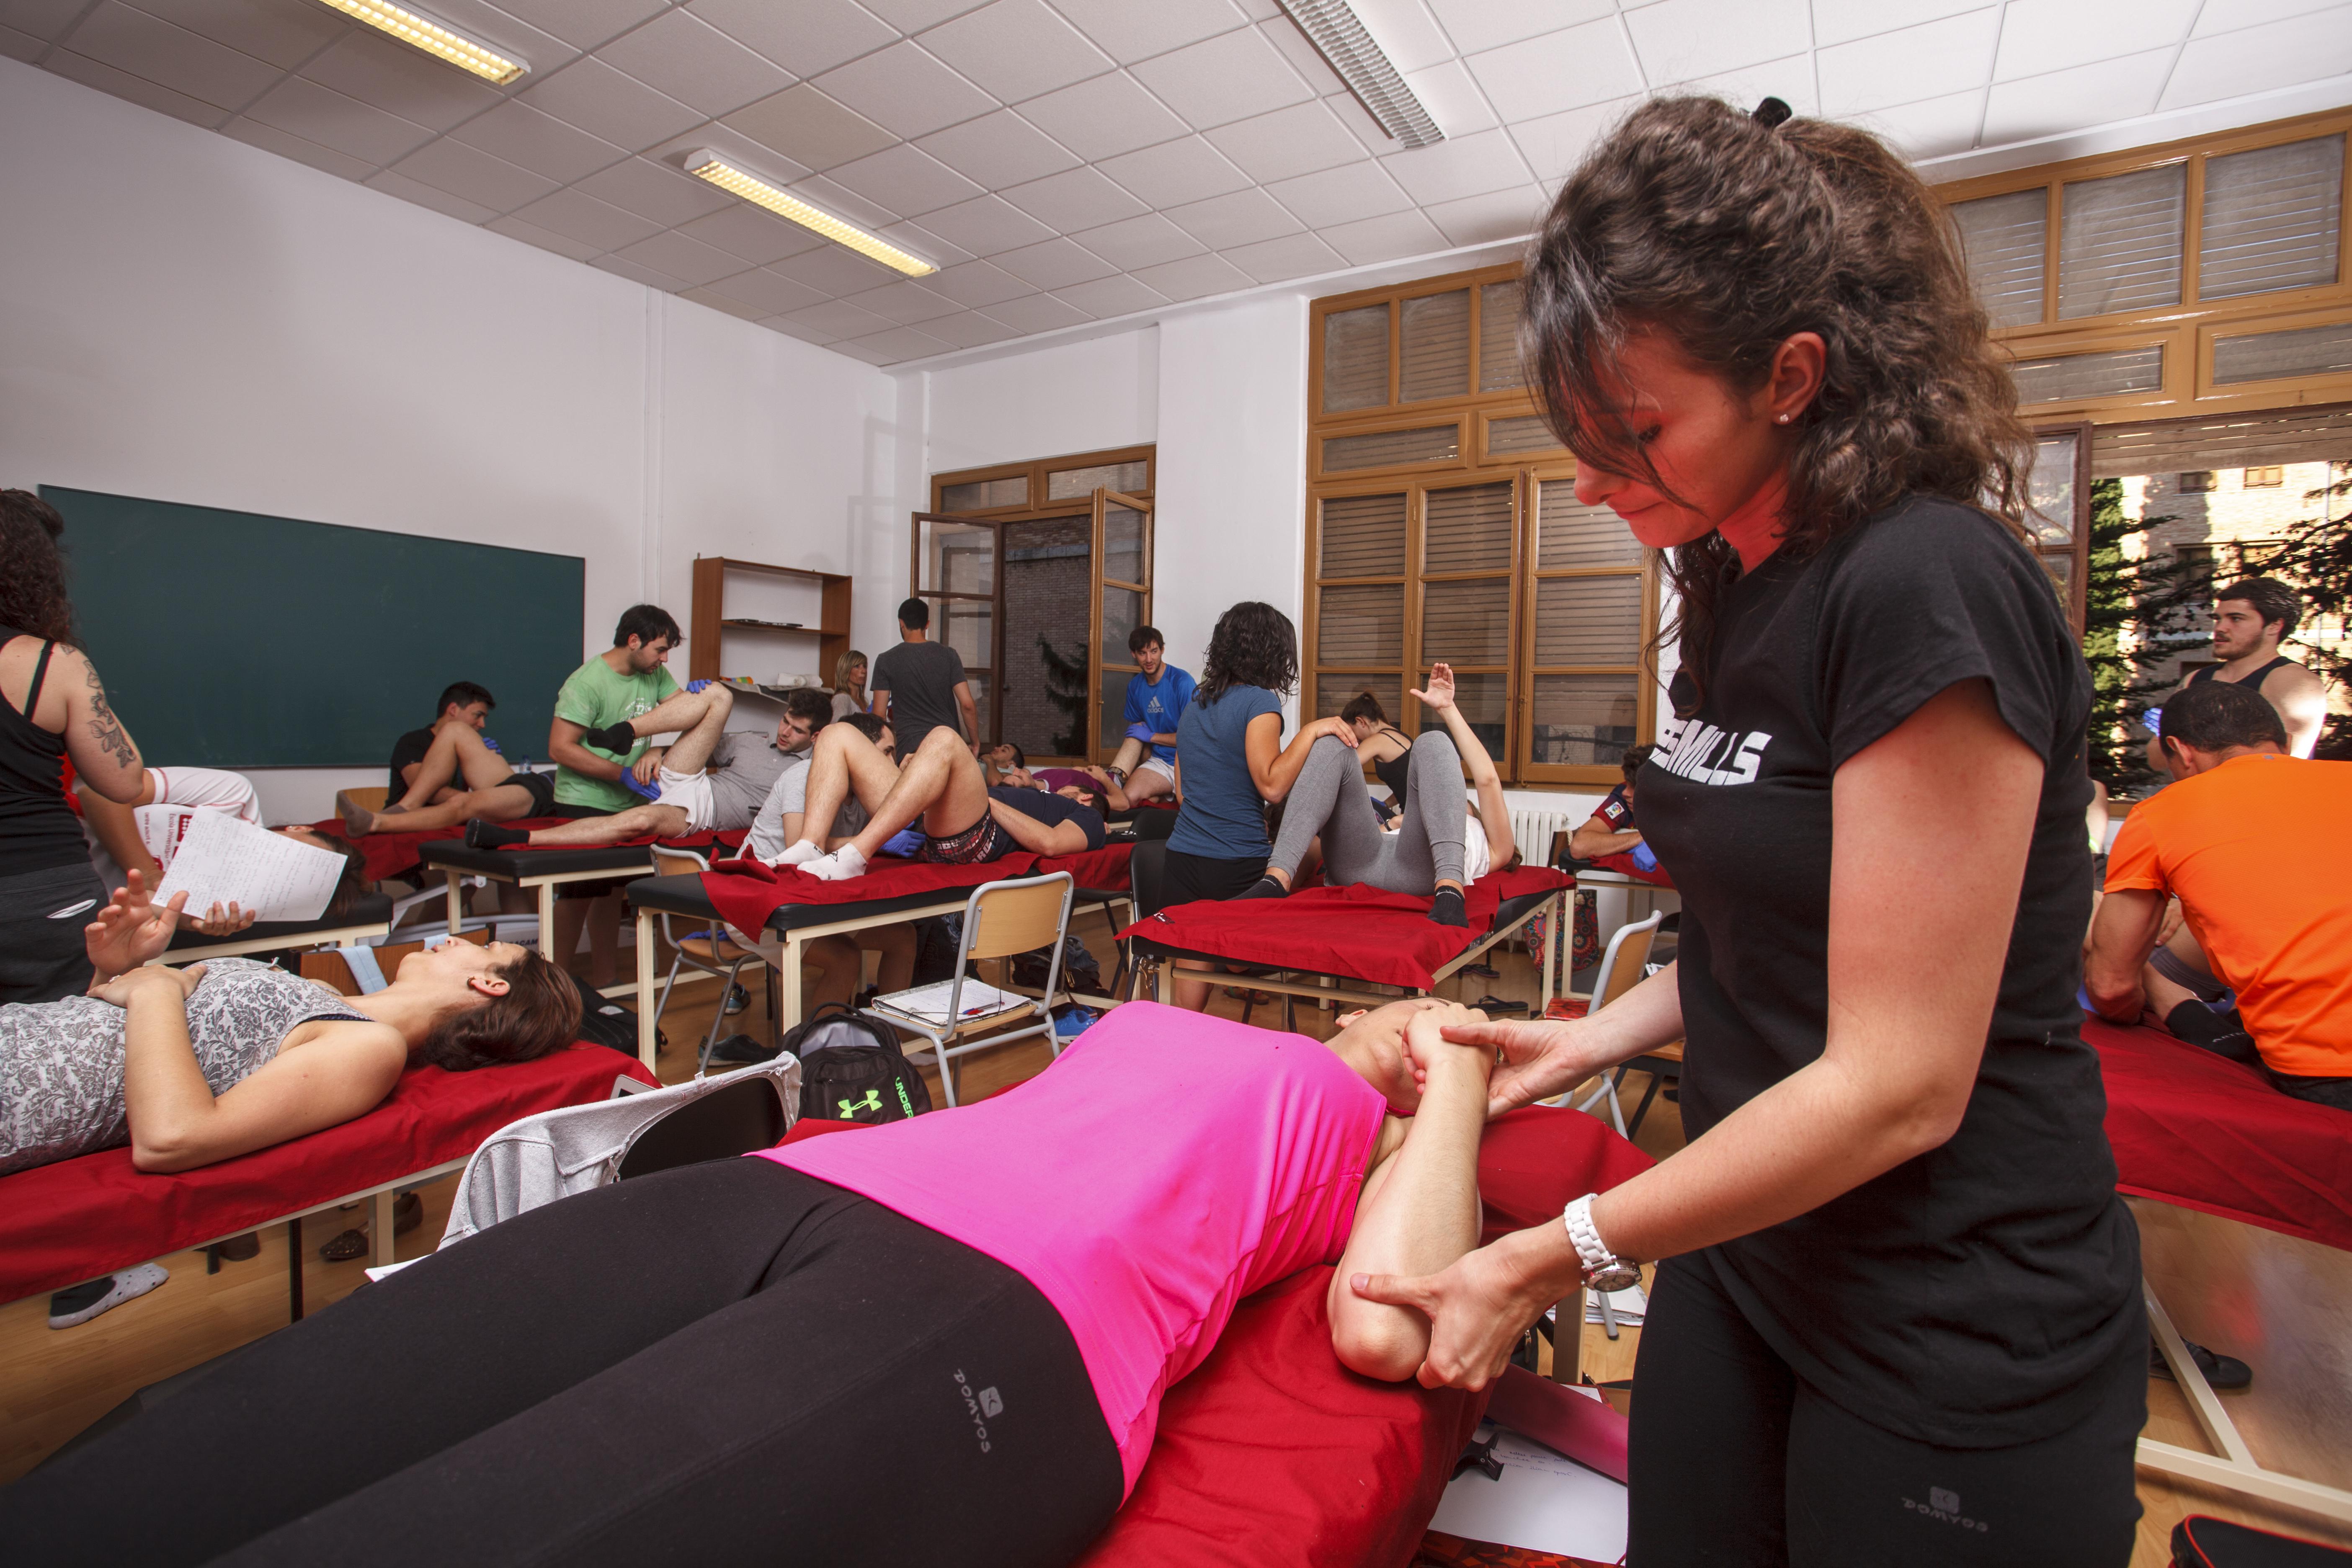 Forma't amb un equip docent de primer nivell, estudiant el Grau en Fisioteràpia a EUSES Terres de l'Ebre